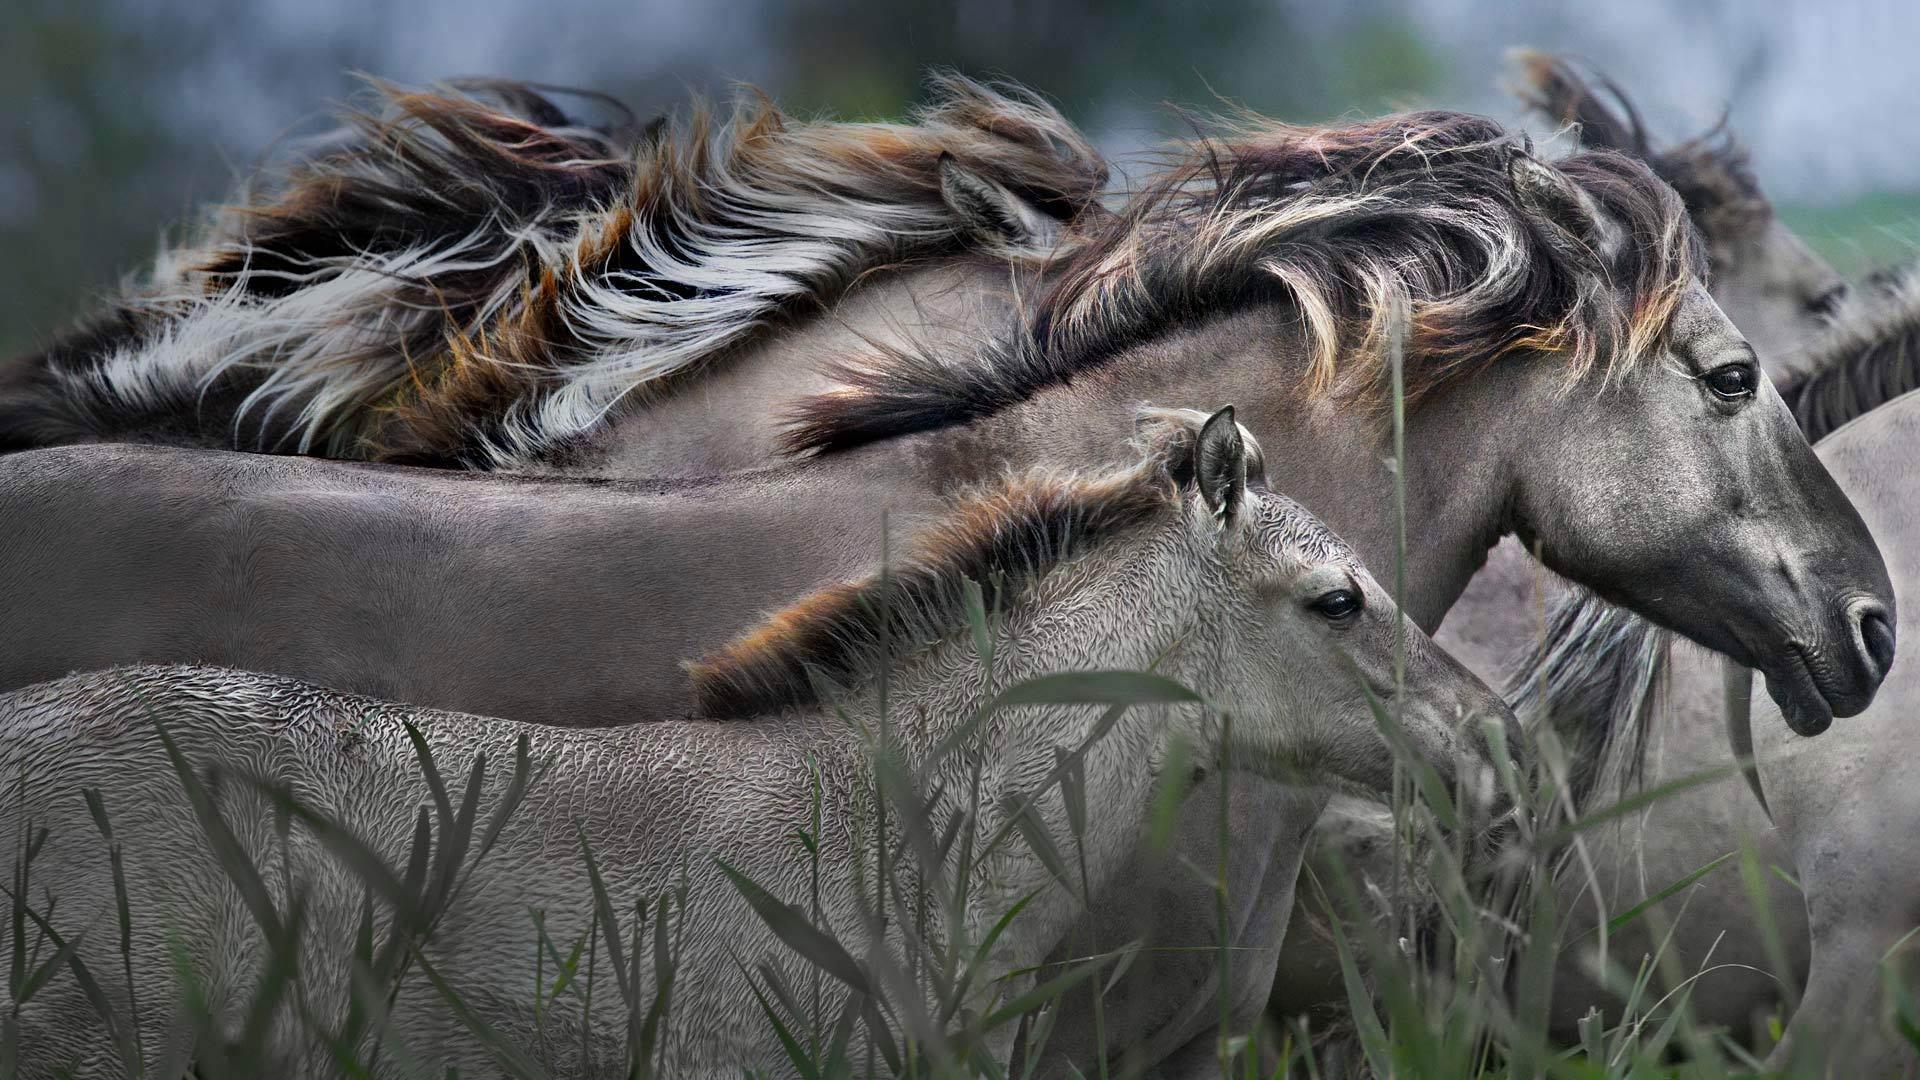 身材小巧的小马驹